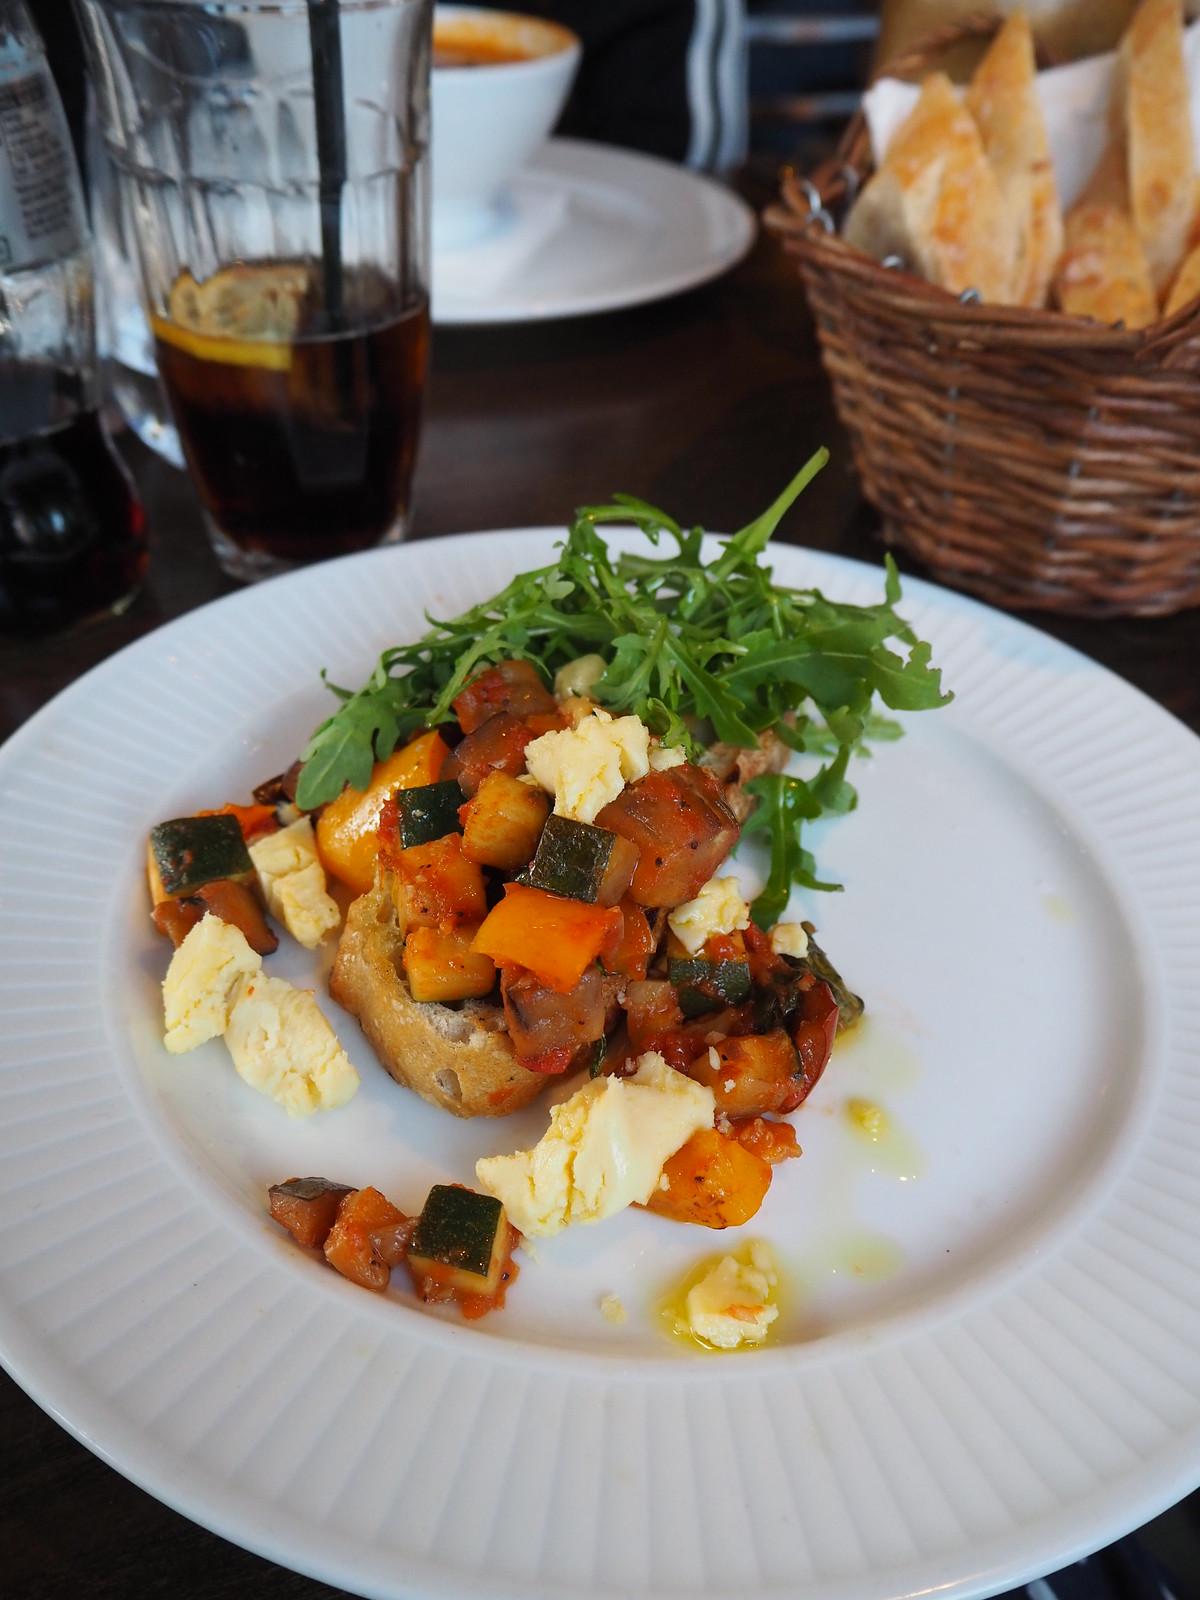 cote brasserie vegan menu 1